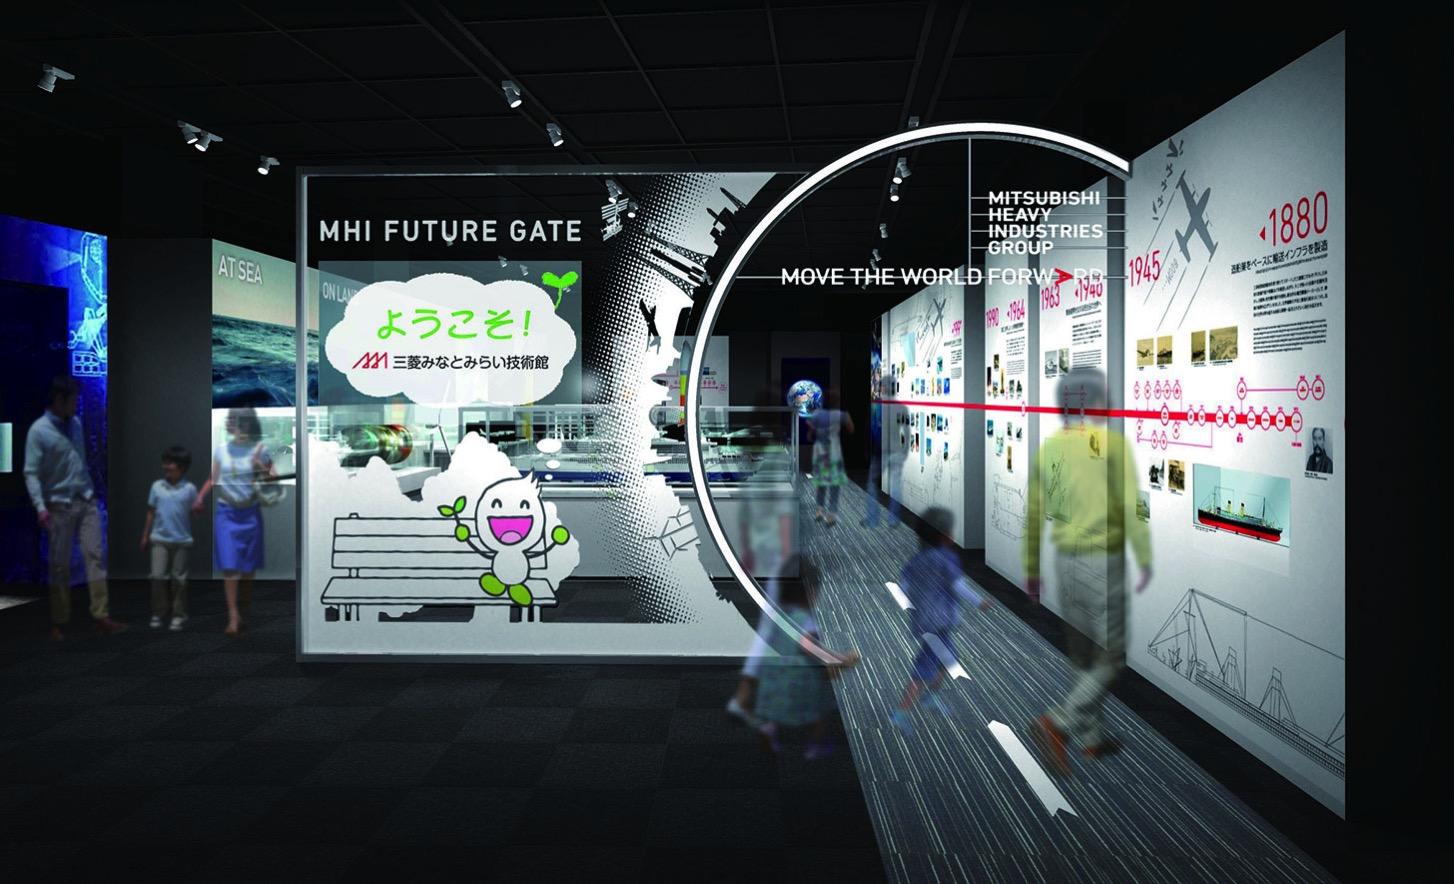 三菱みなとみらい技術館が新展示空間「MHI FUTURE GATE」を開設!